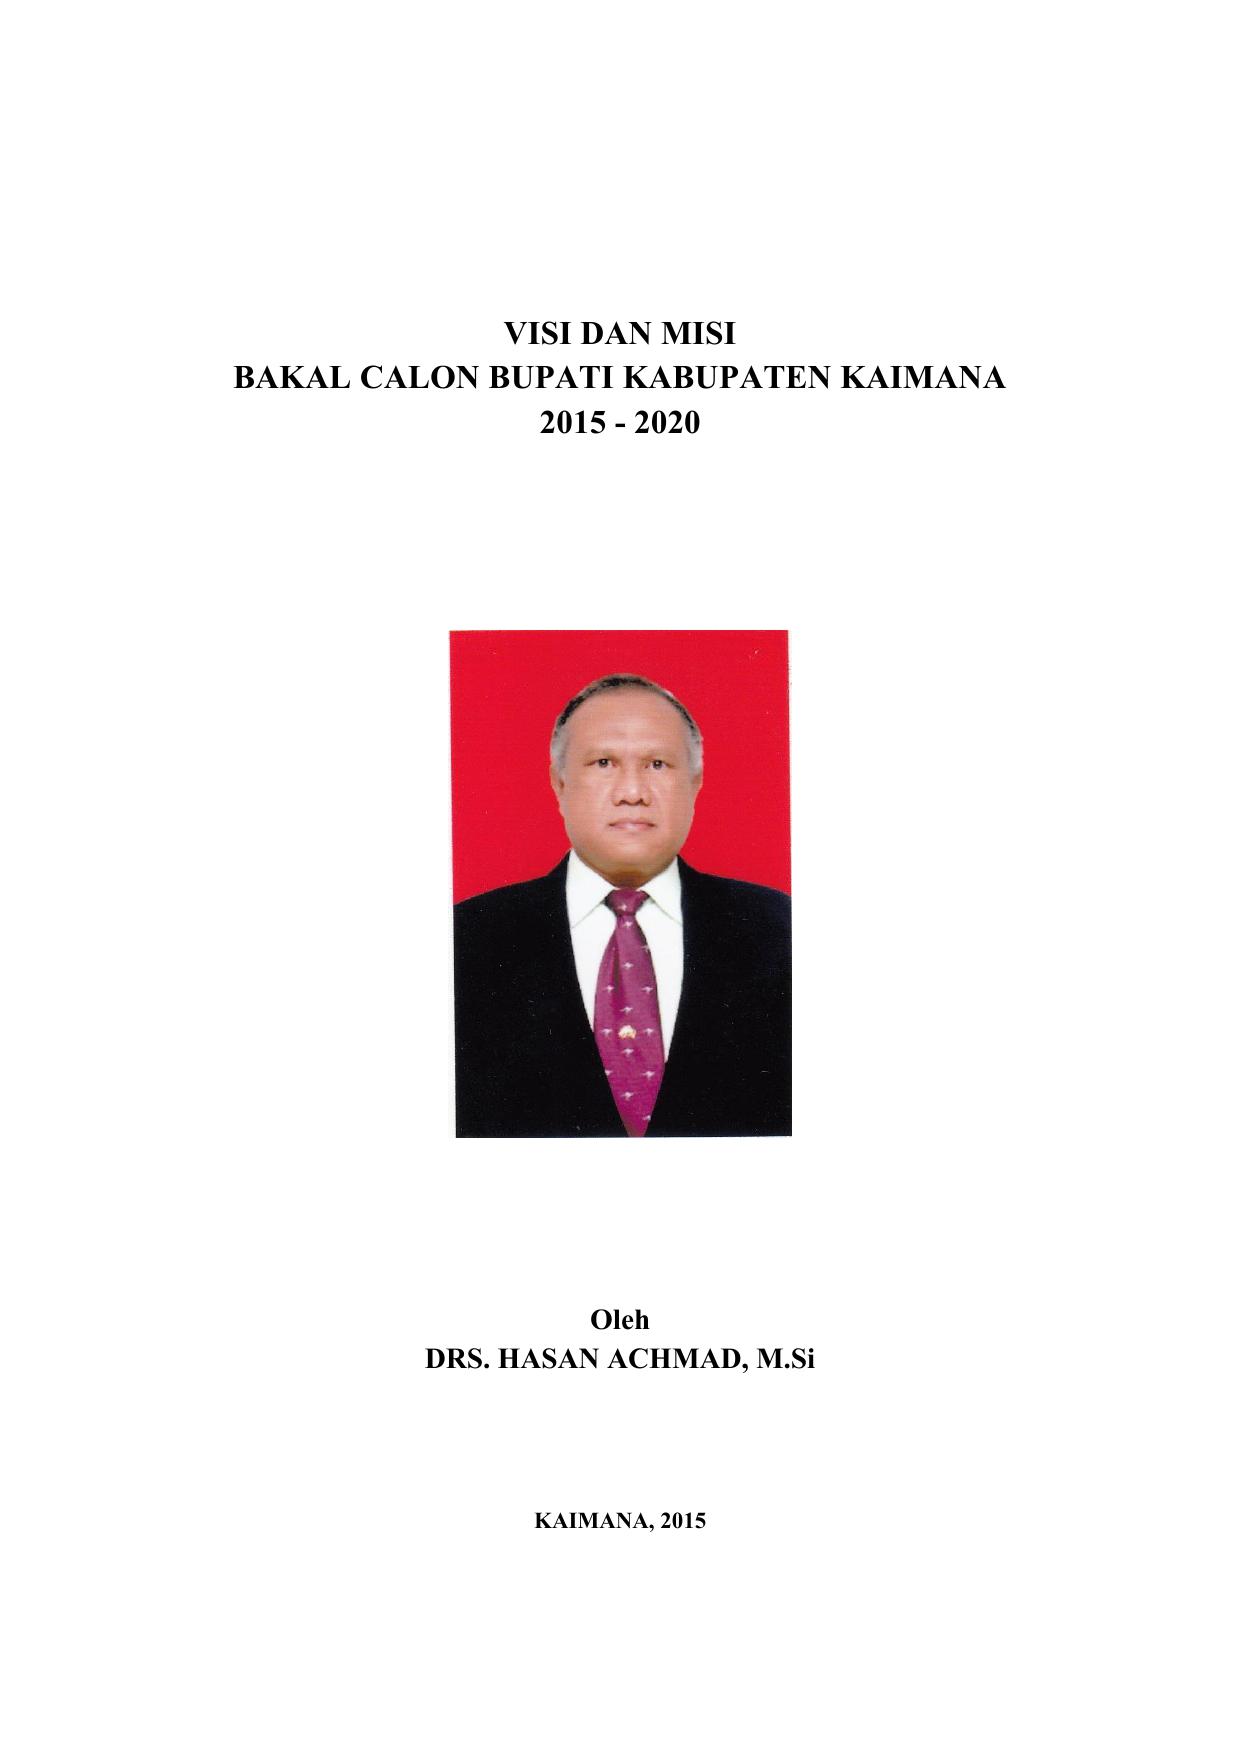 Visi Dan Misi Bakal Calon Bupati Kabupaten Kaimana 2015